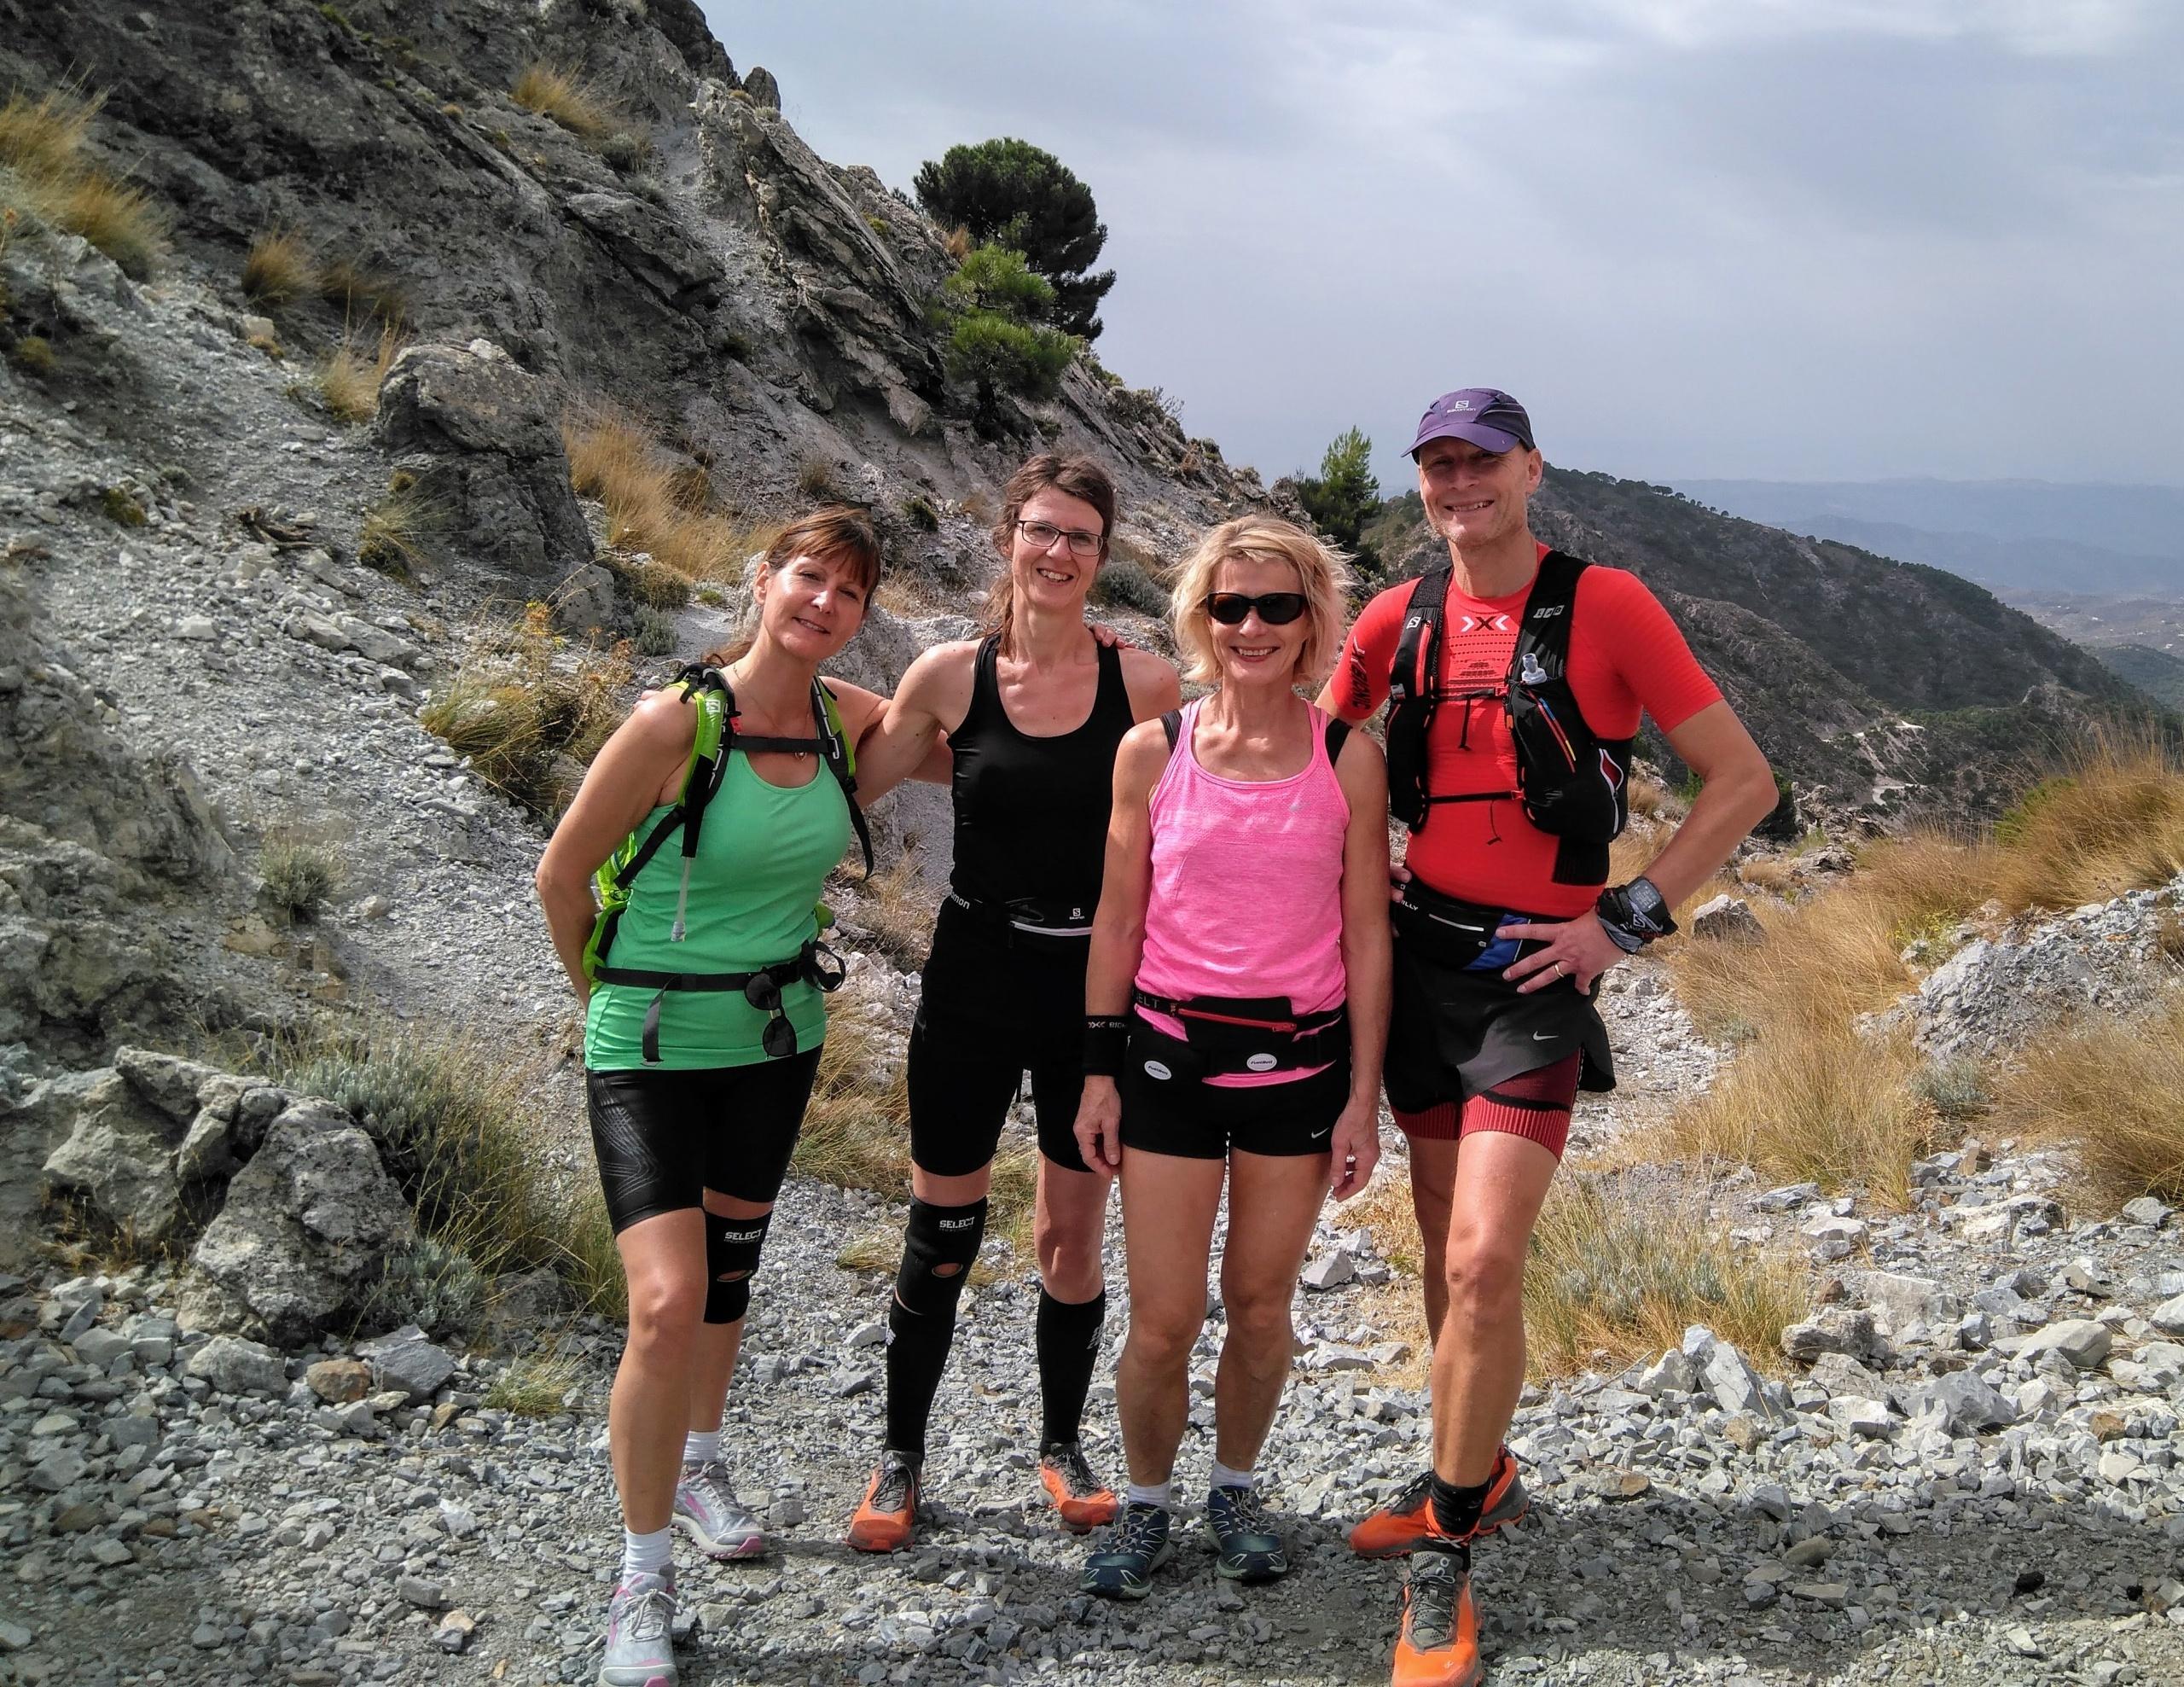 Så ved du hvad du skal lave i julen - Juletrail med Trail Run Spain